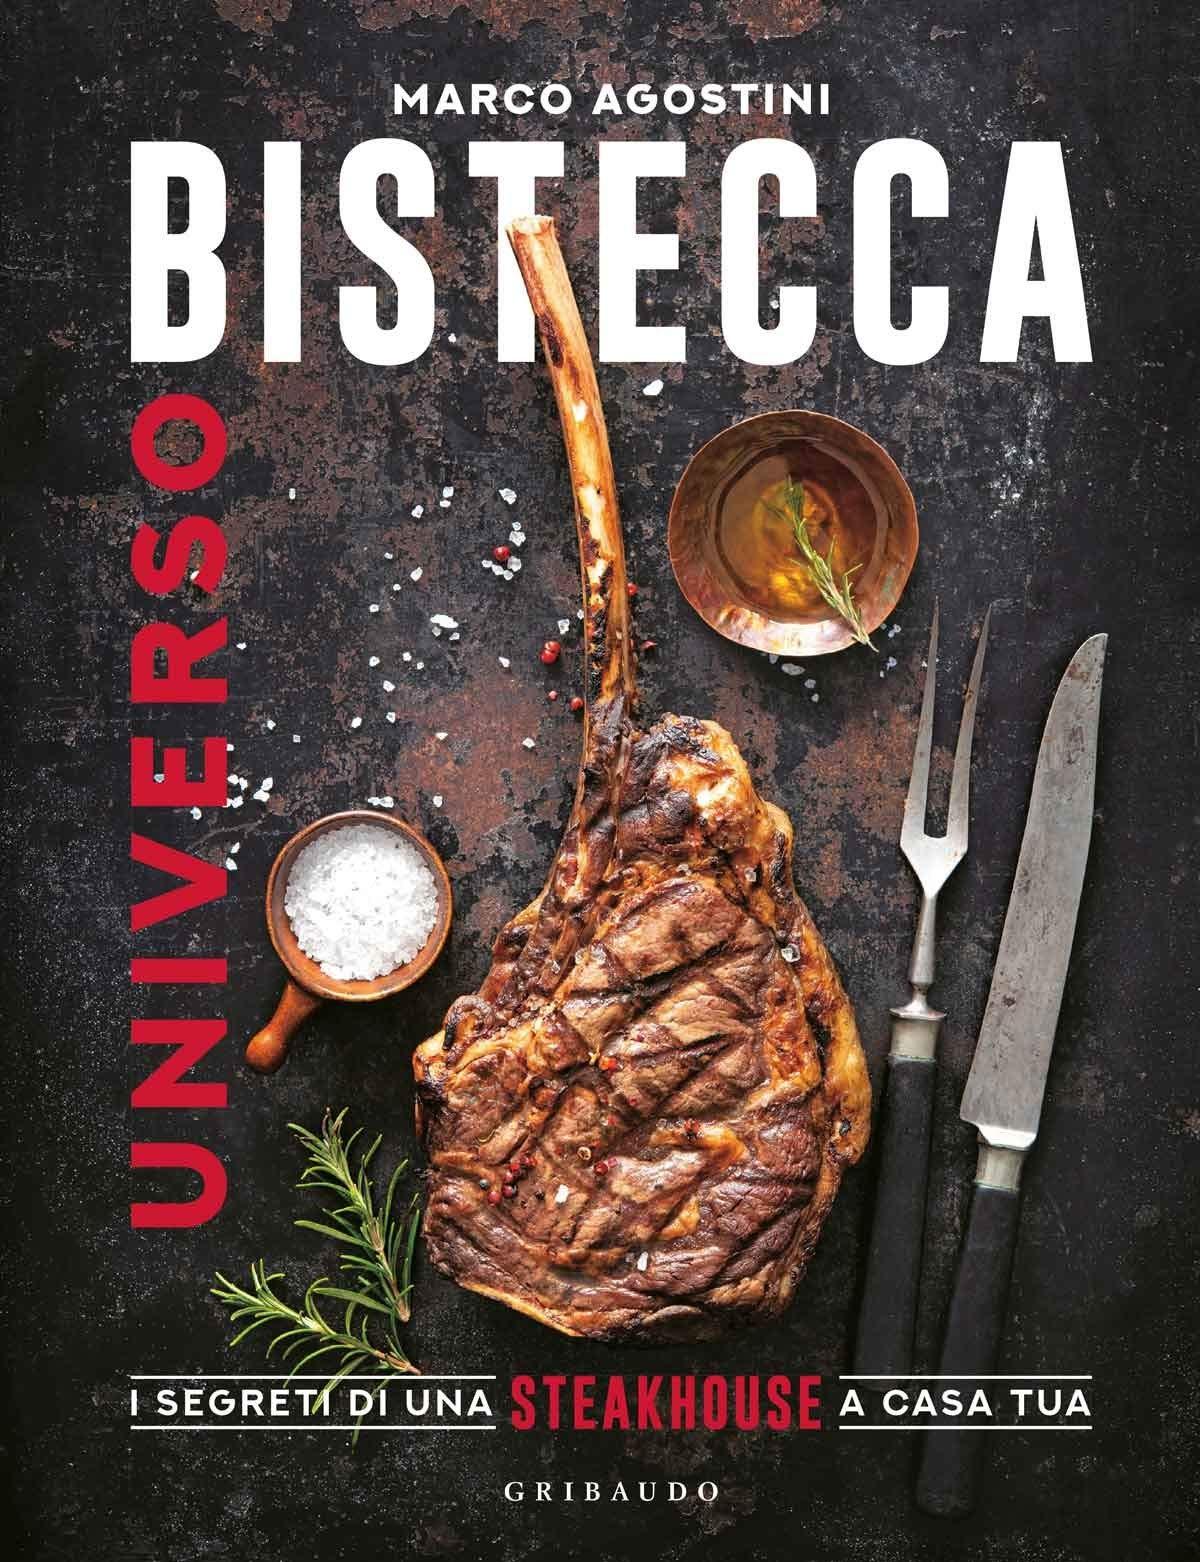 Recensione di Universo Bistecca – Marco Agostini